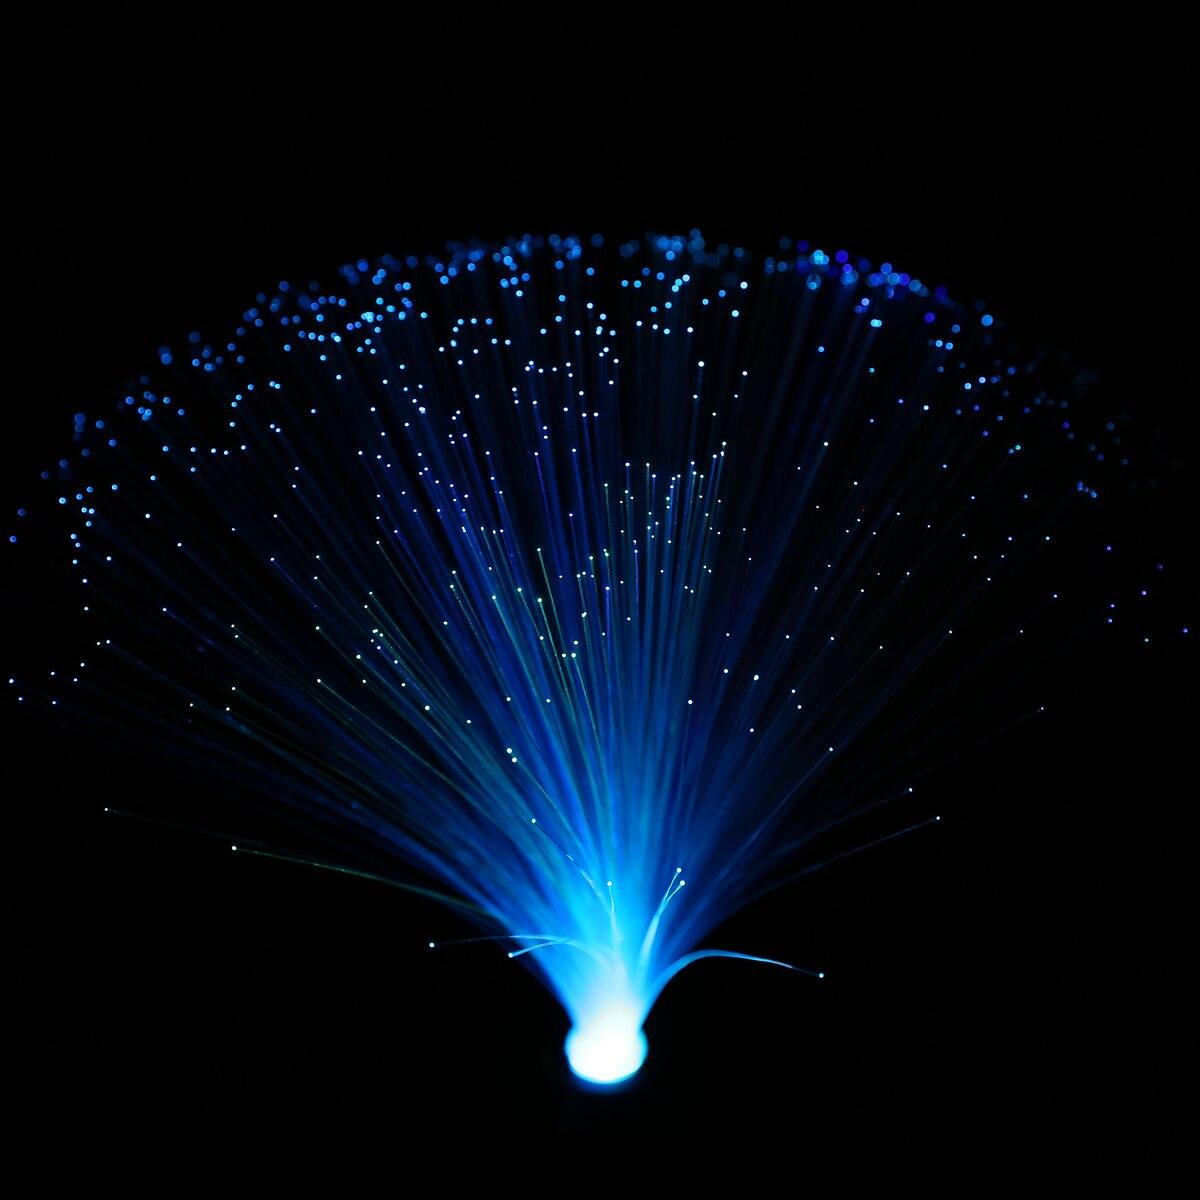 """1 Uds. Lámpara de fibra óptica LED colorida cambiante de 12,6 """"fuente de luz nocturna soporte para habitación de casa decoración de ensueño"""